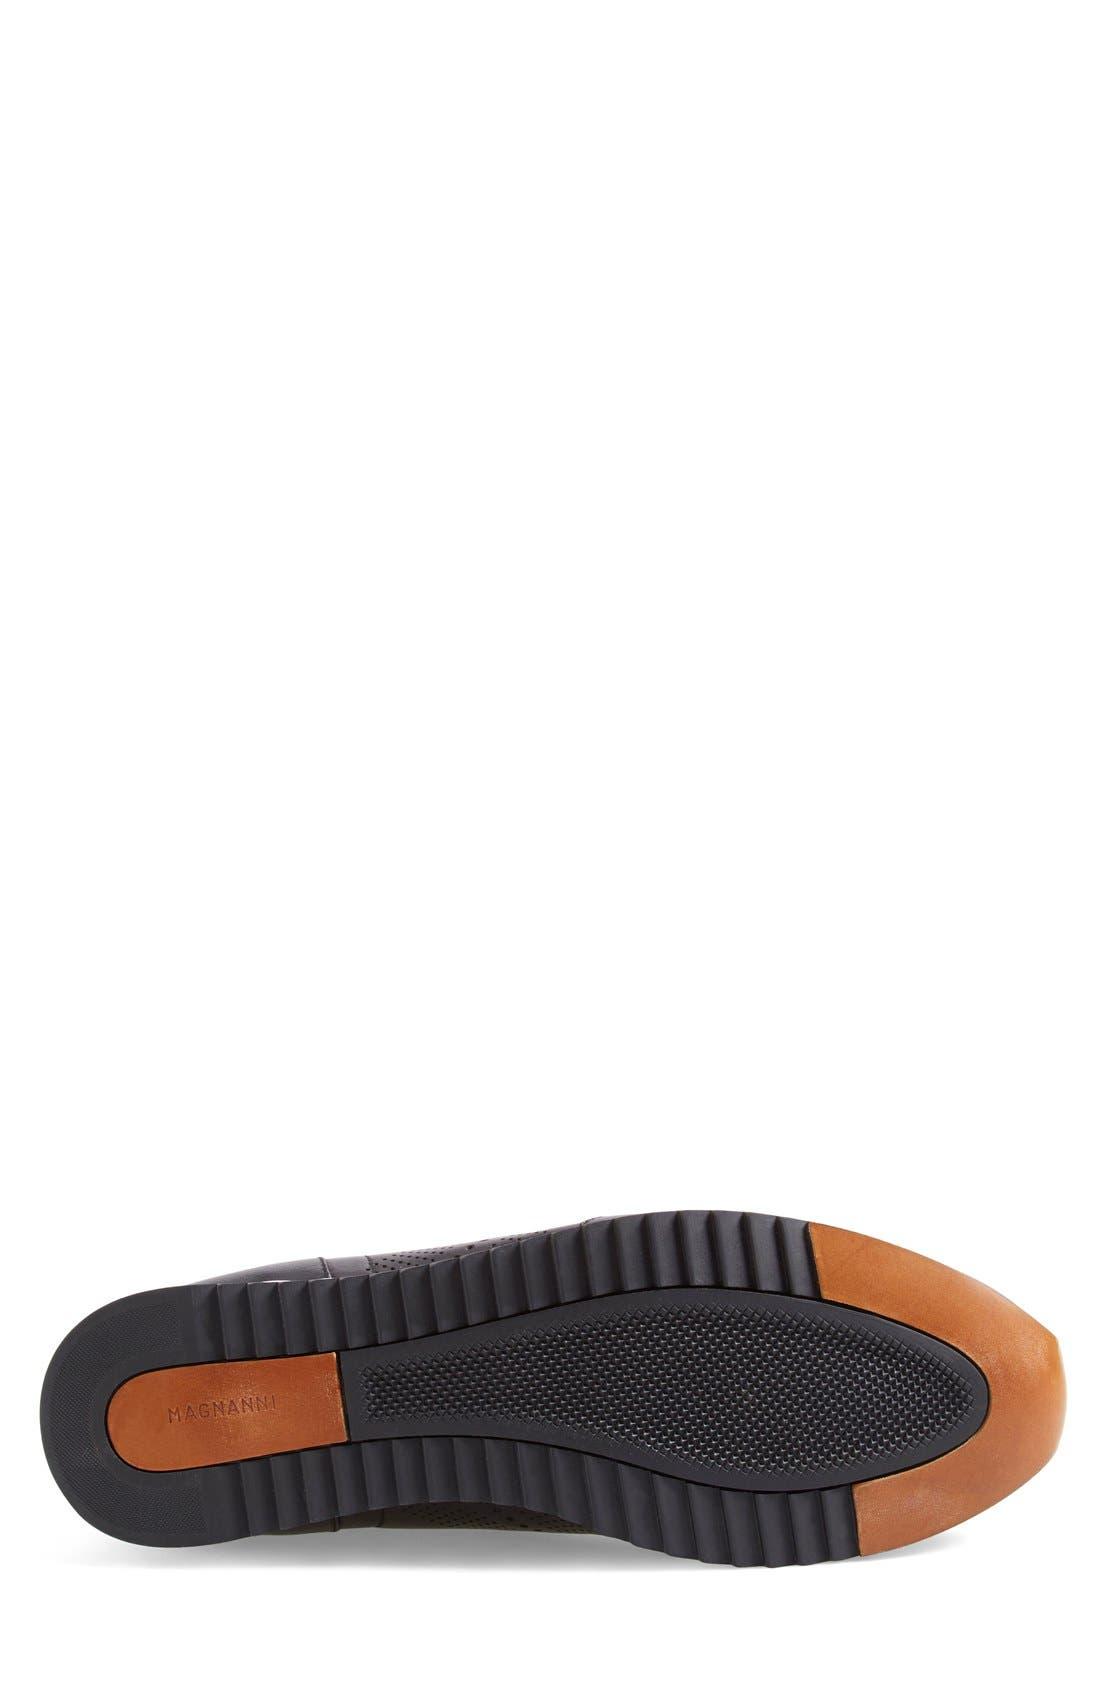 'Pueblo' Sneaker,                             Alternate thumbnail 4, color,                             BLACK LEATHER